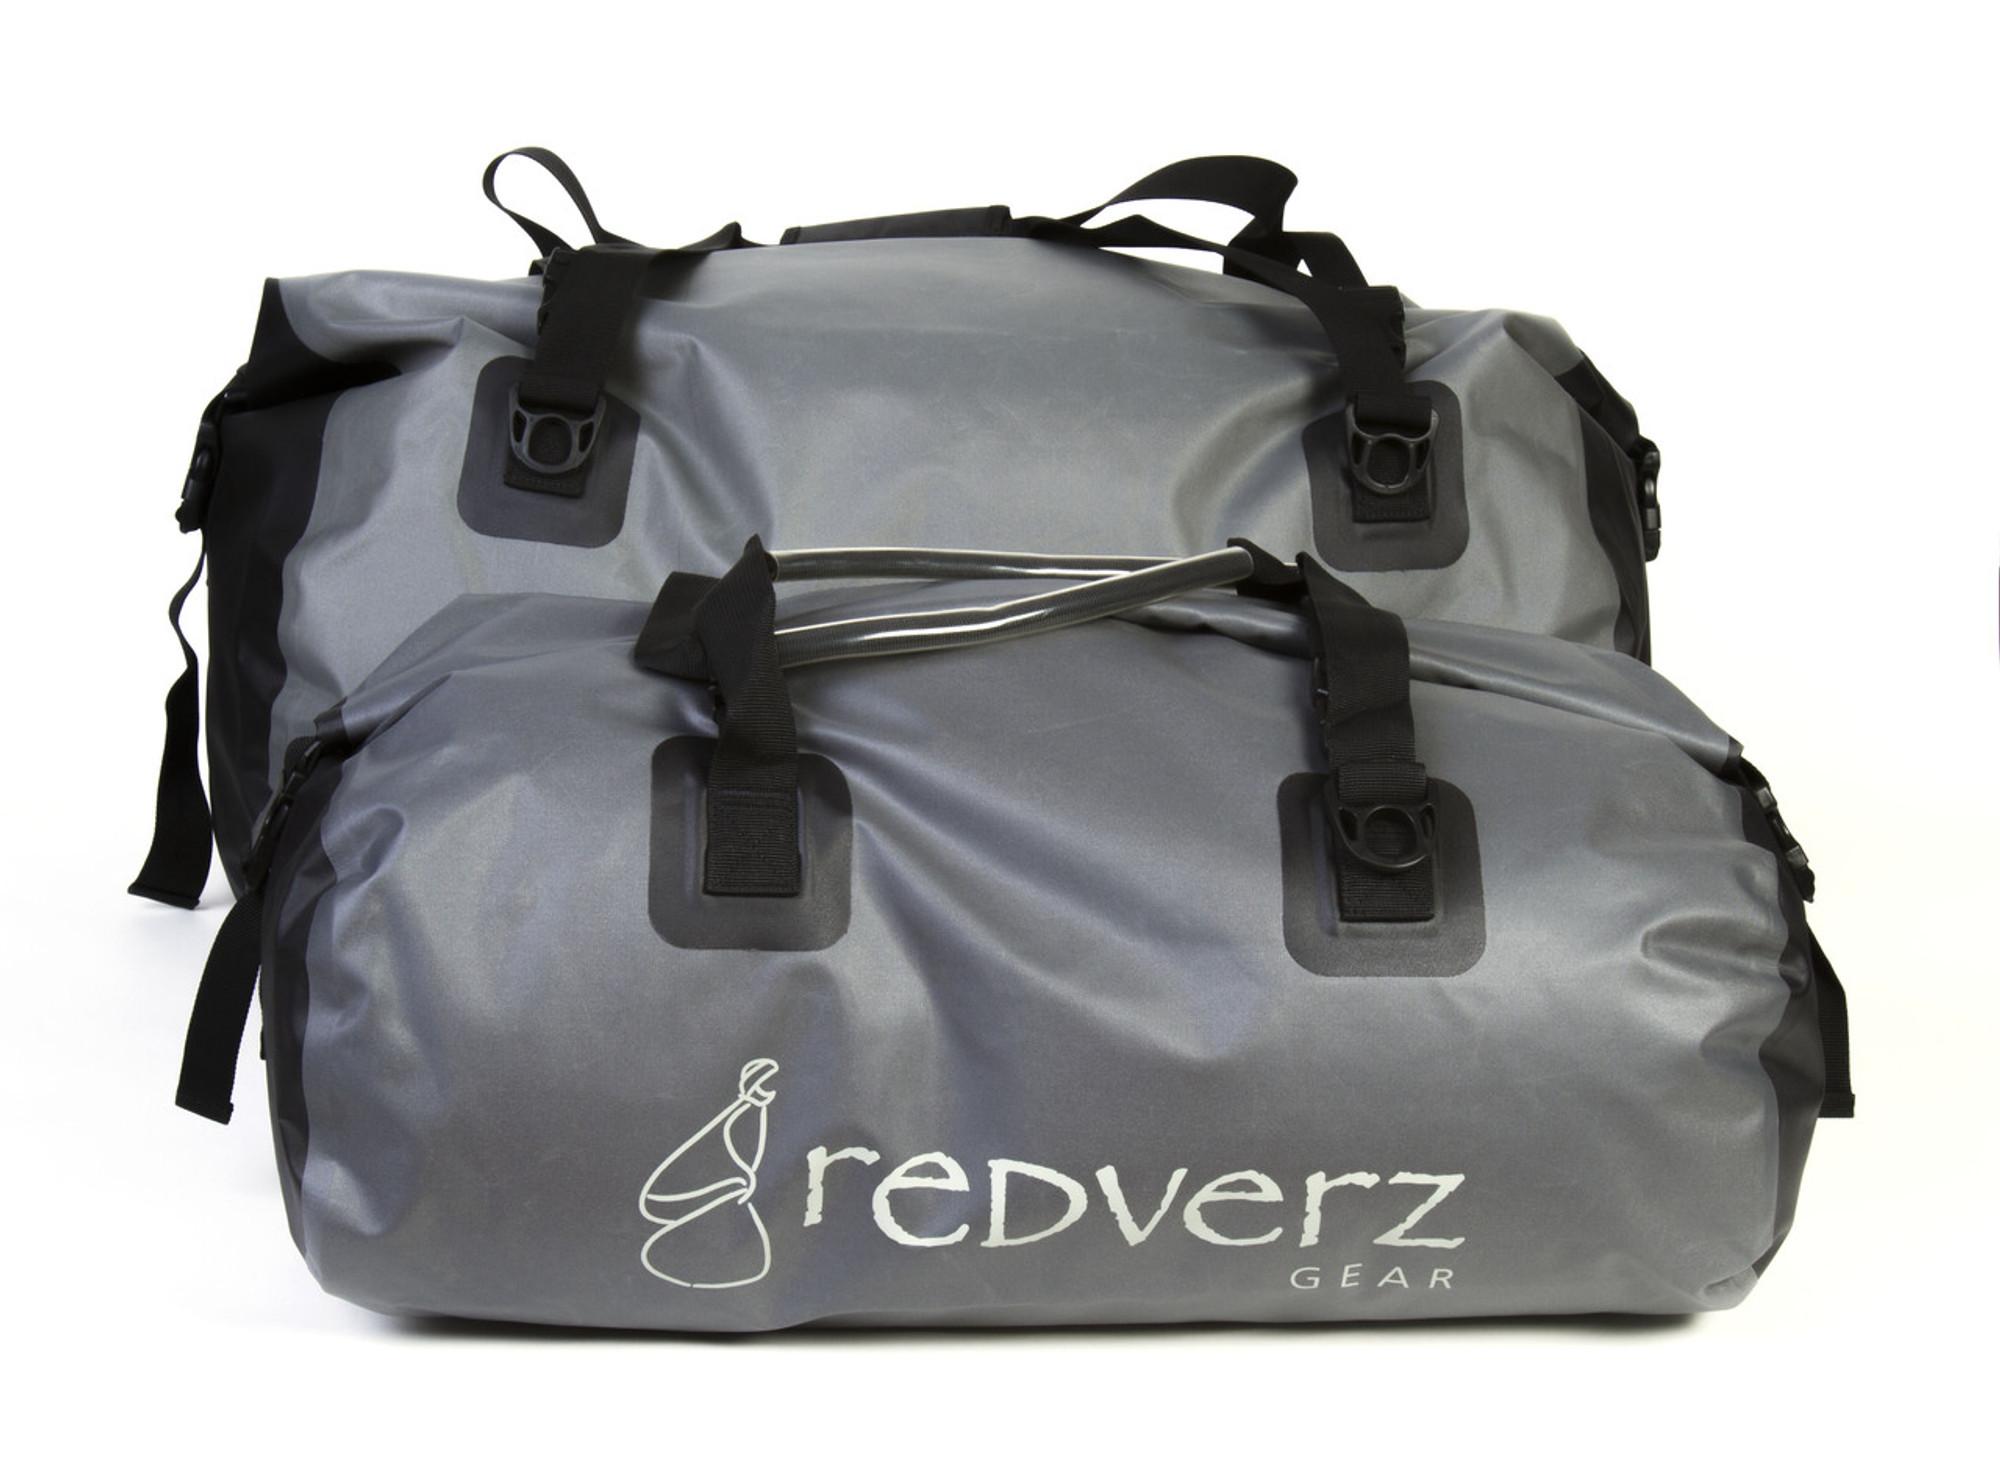 57ffbf60 90L on left Redverz 90 Liter Expedition Dry Bag